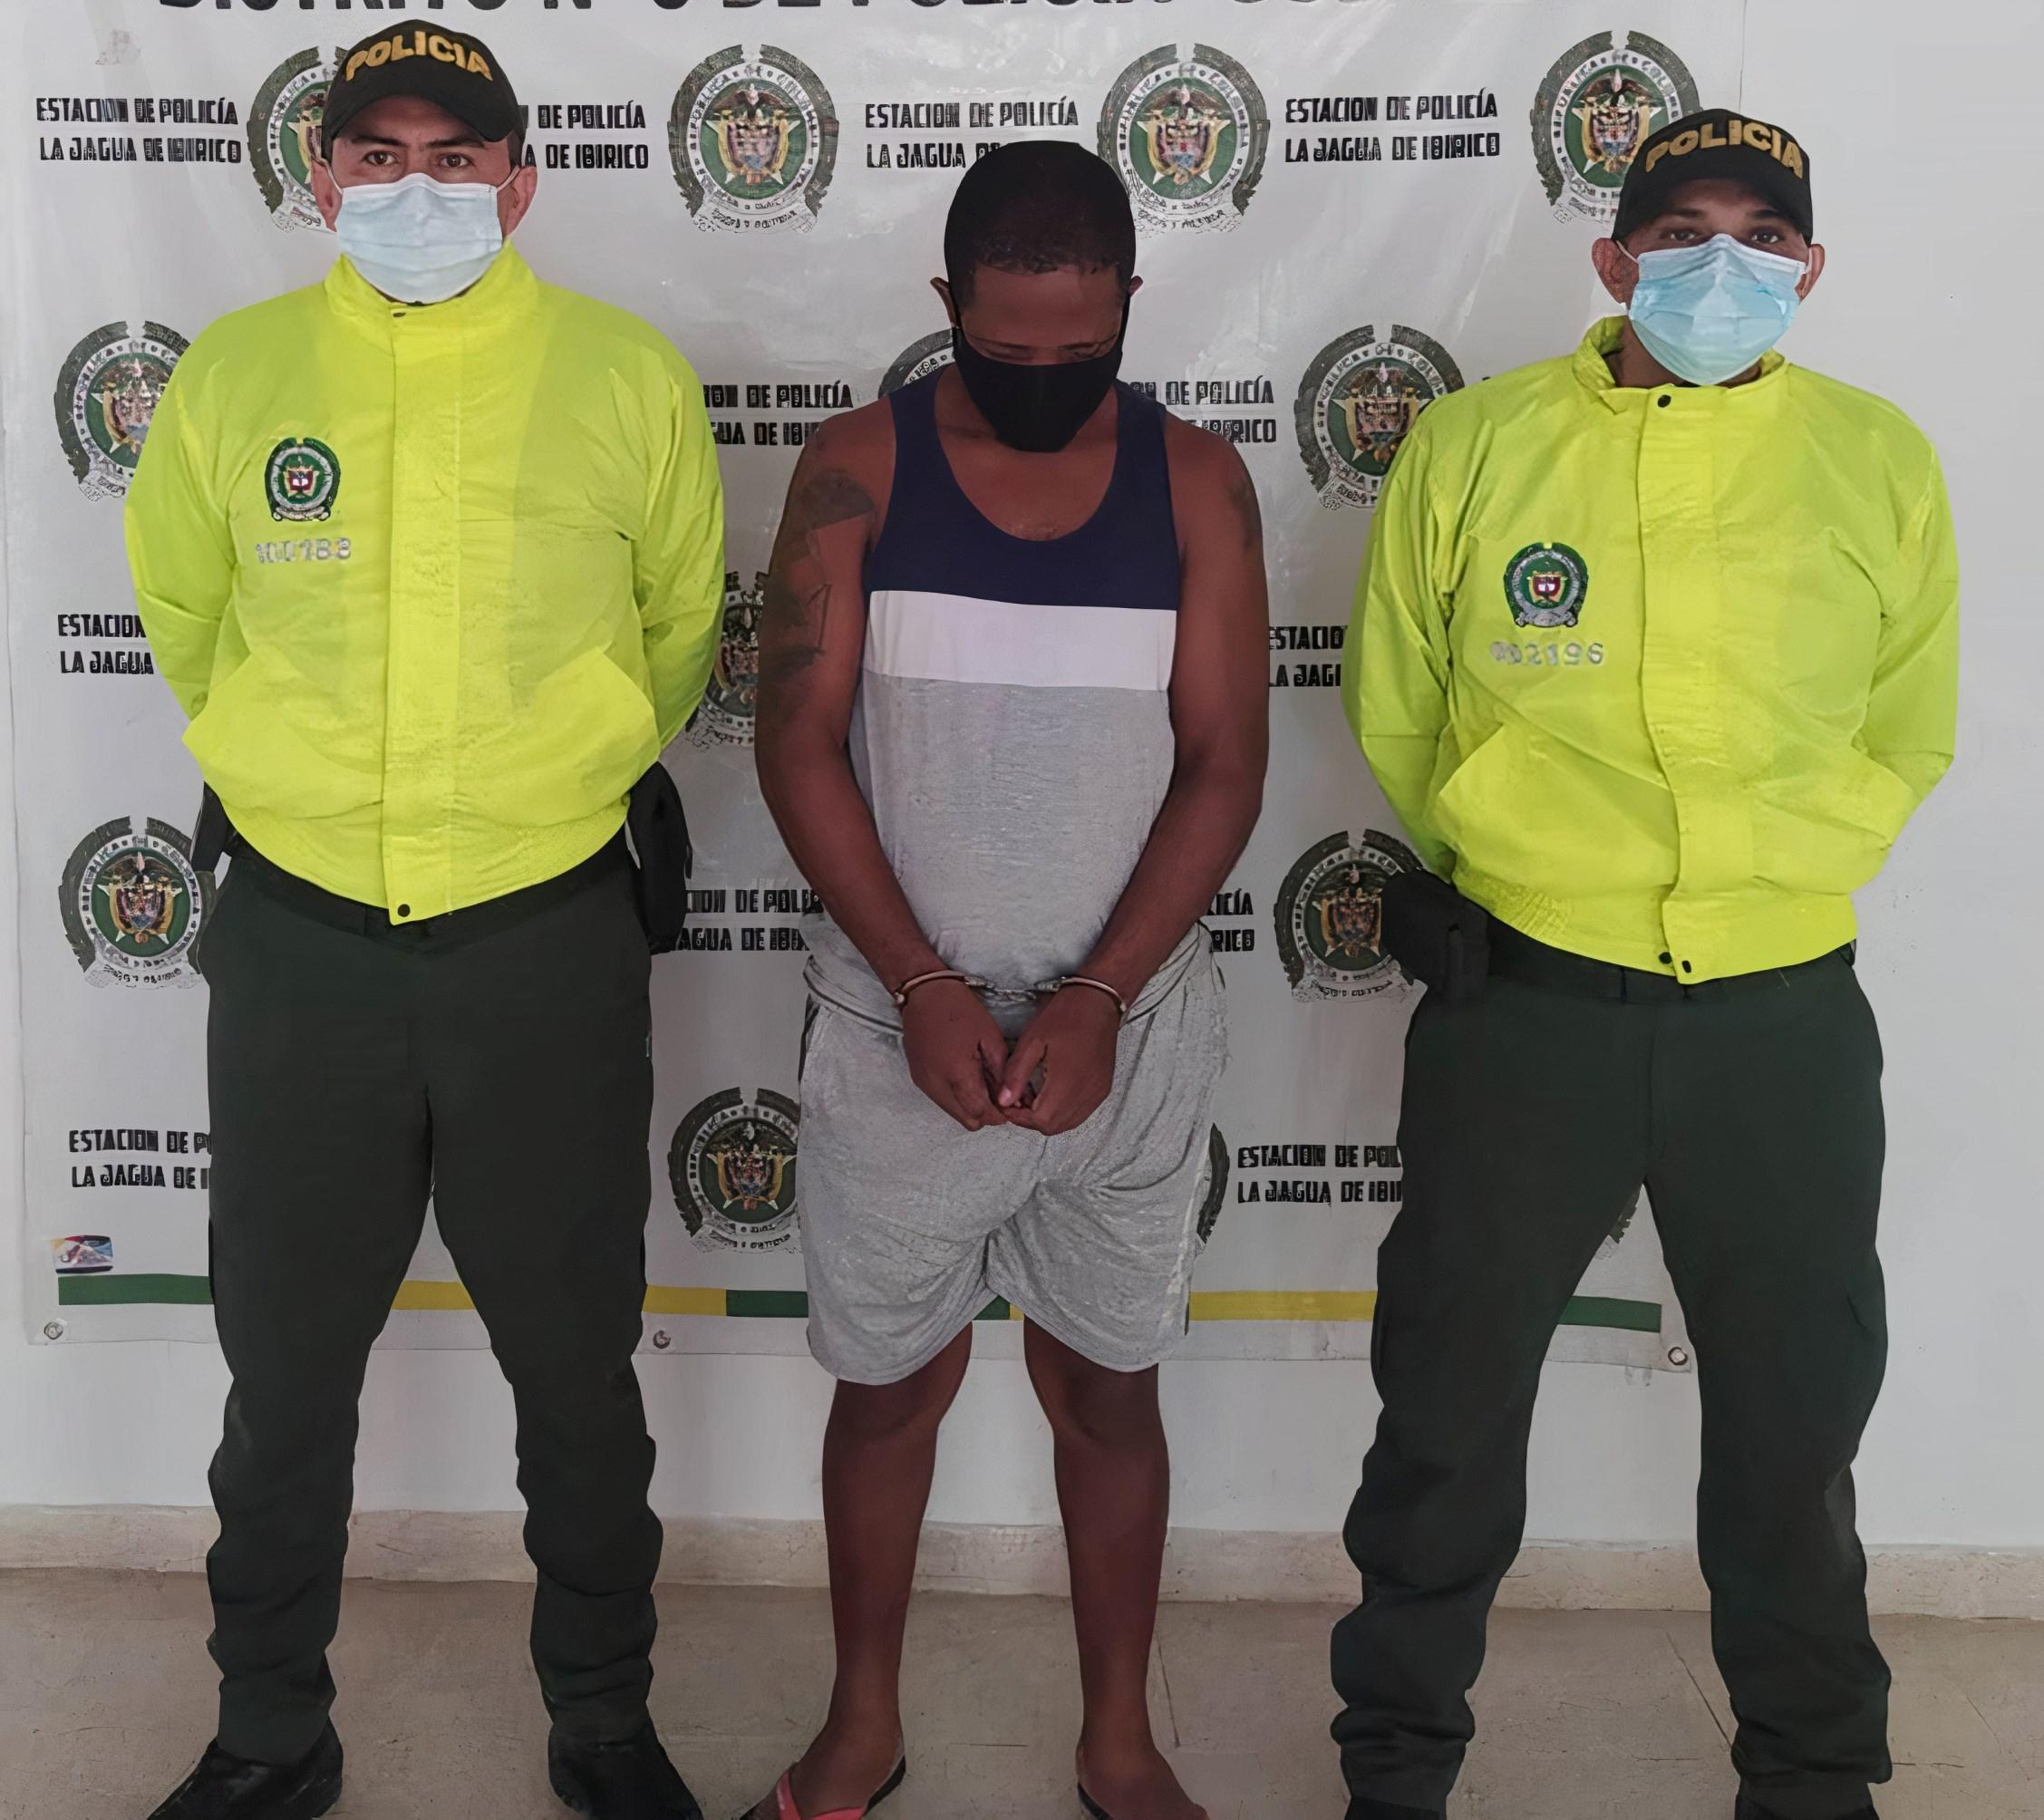 hoyennoticia.com, Capturado por homicidio en La Jagua de Ibirico